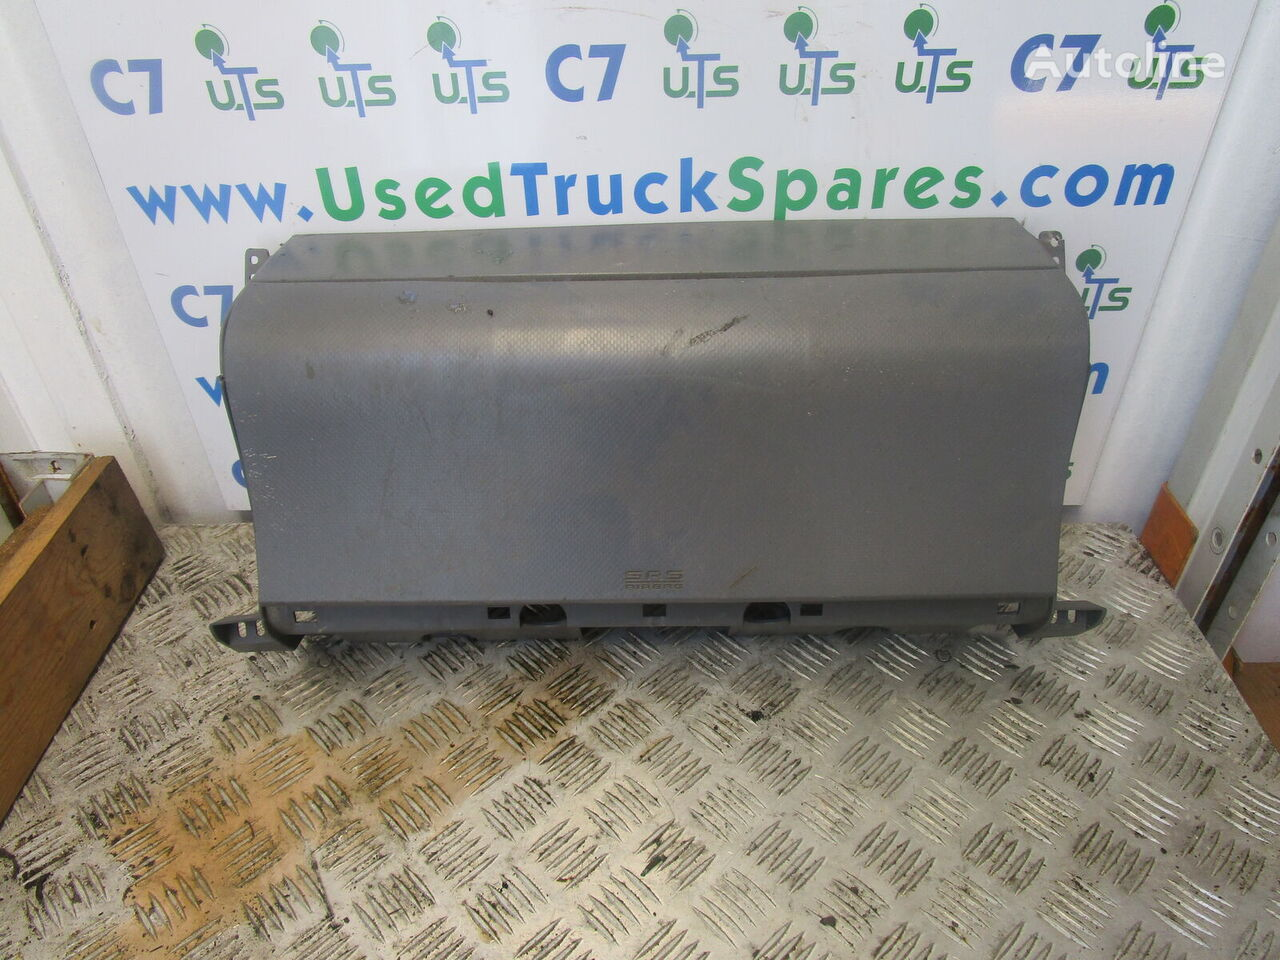 PASSENGER SIDE AIR BAG COMPLETE ISUZU N75 4HK1 citas dzinēja rezerves daļas paredzēts kravas automašīnas